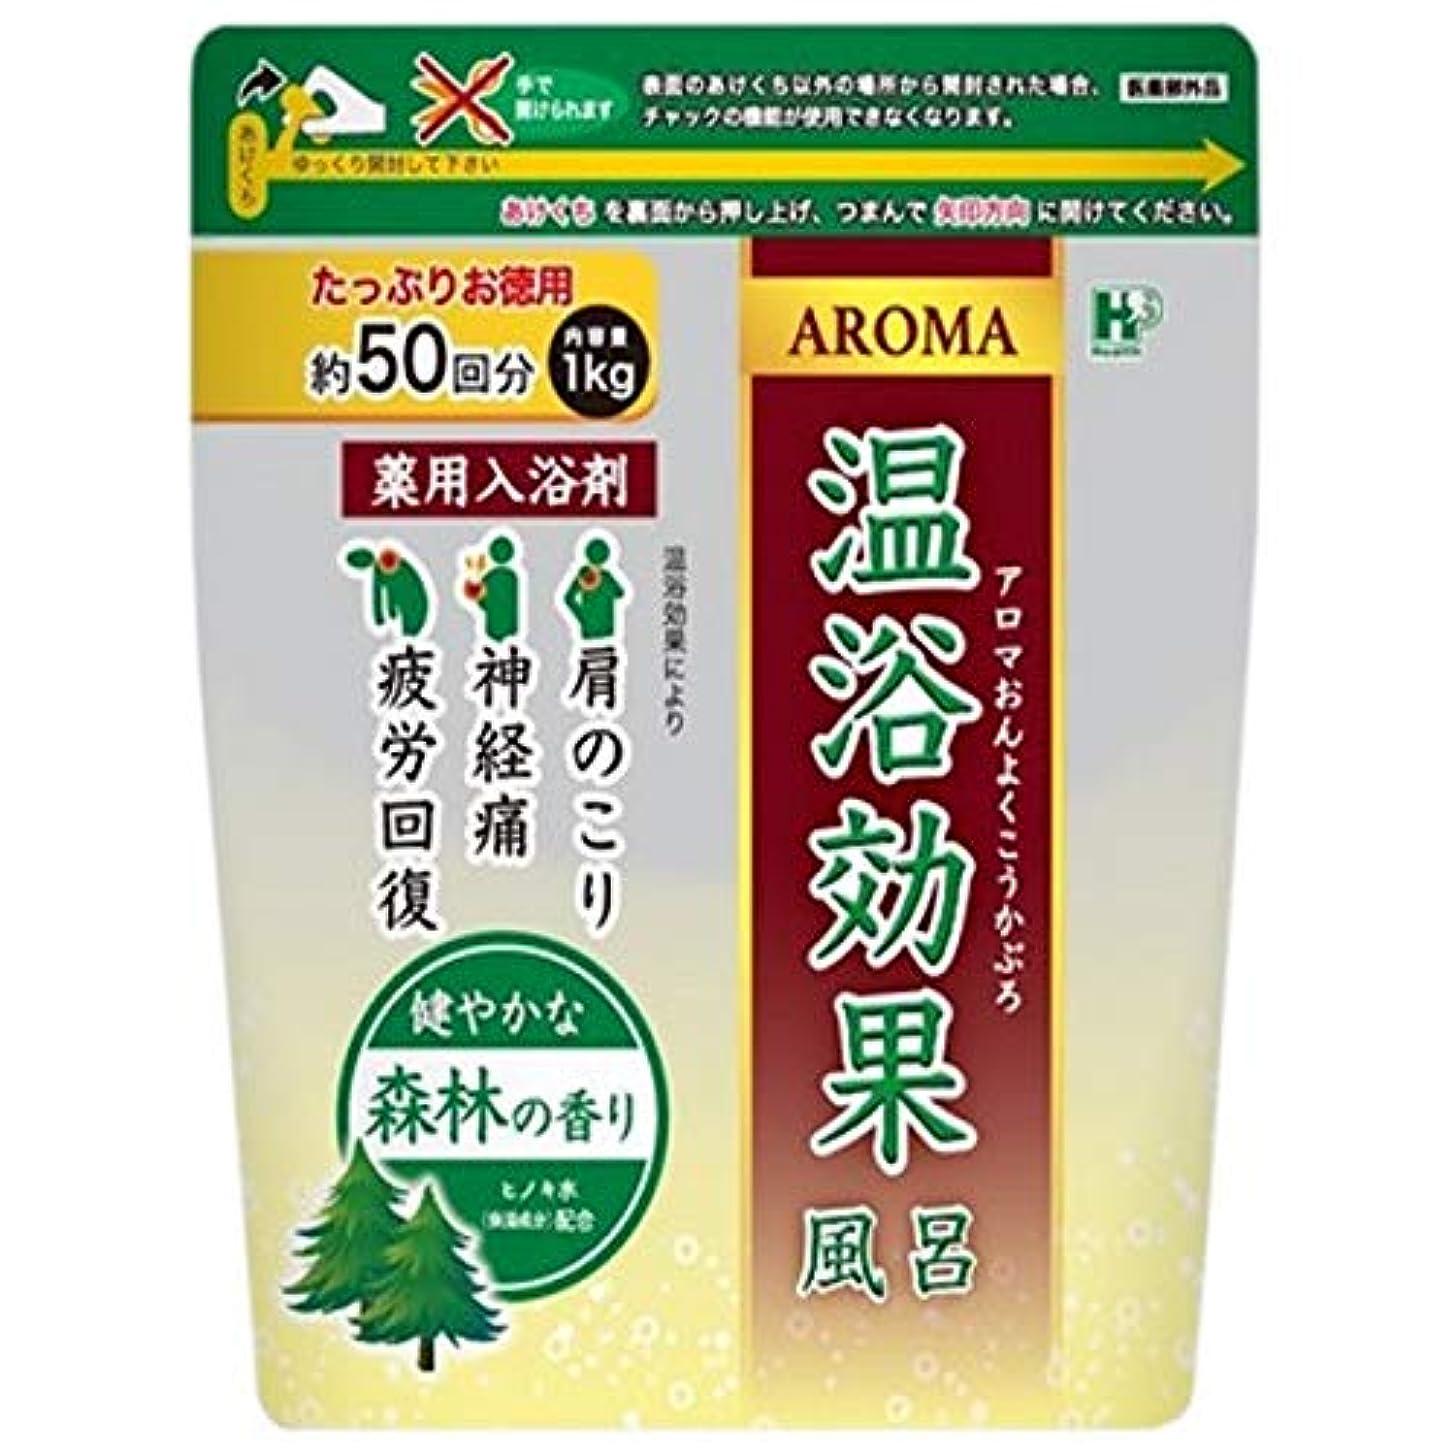 実験をするリズミカルなラダ薬用入浴剤 アロマ温浴効果風呂 森林 1kg×10袋入